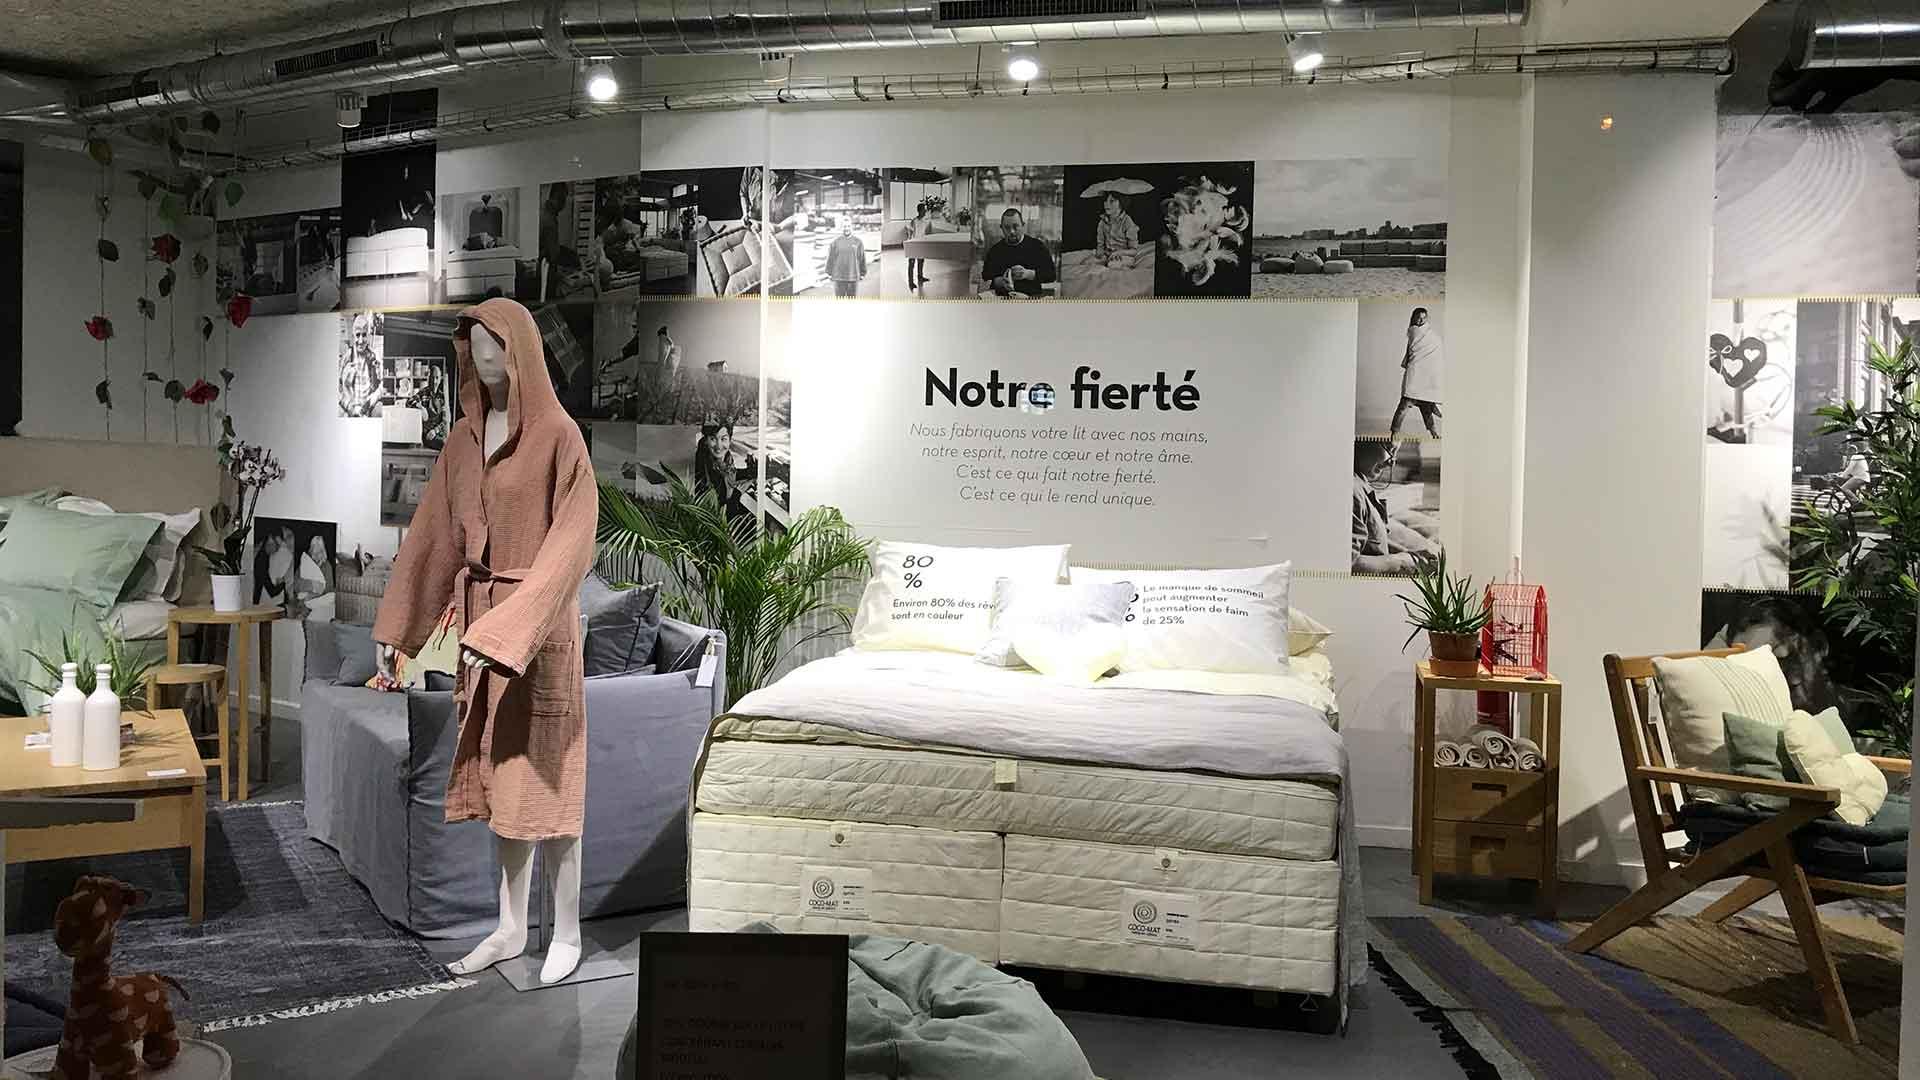 フランスのパリにあるココマットのお店のノンコイル売り場の画像